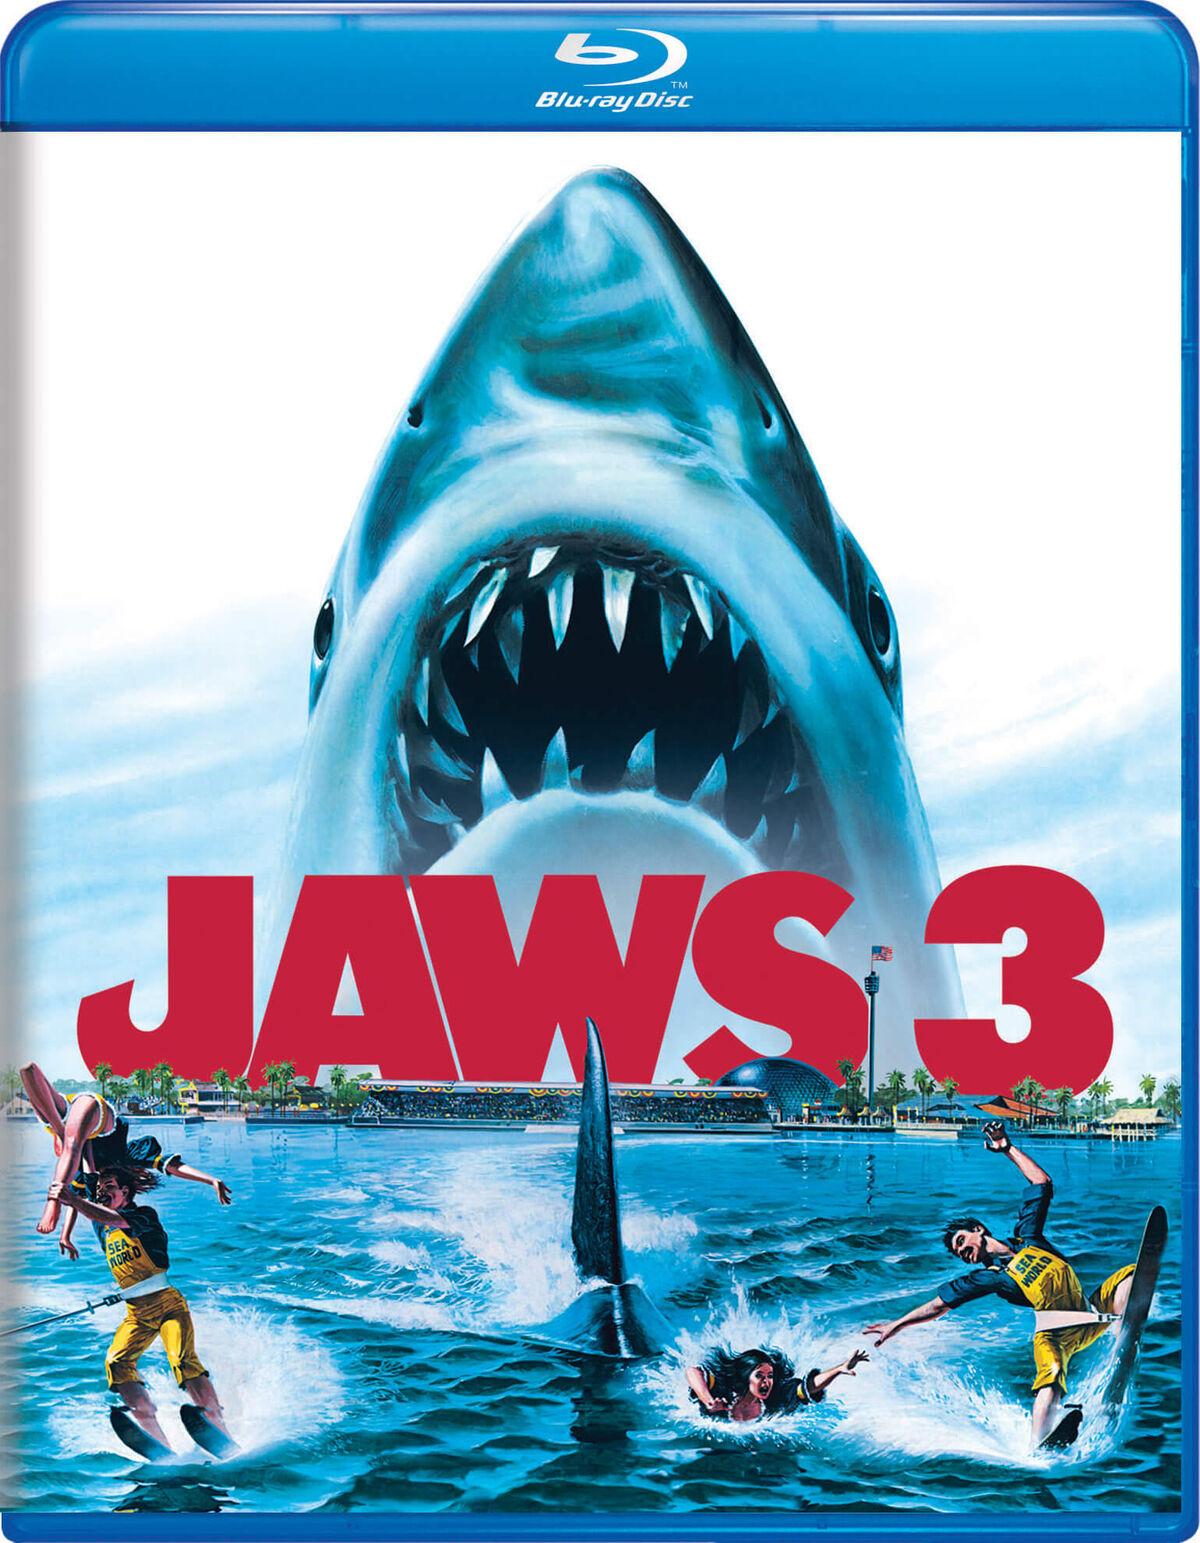 jaws-3-blu-ray